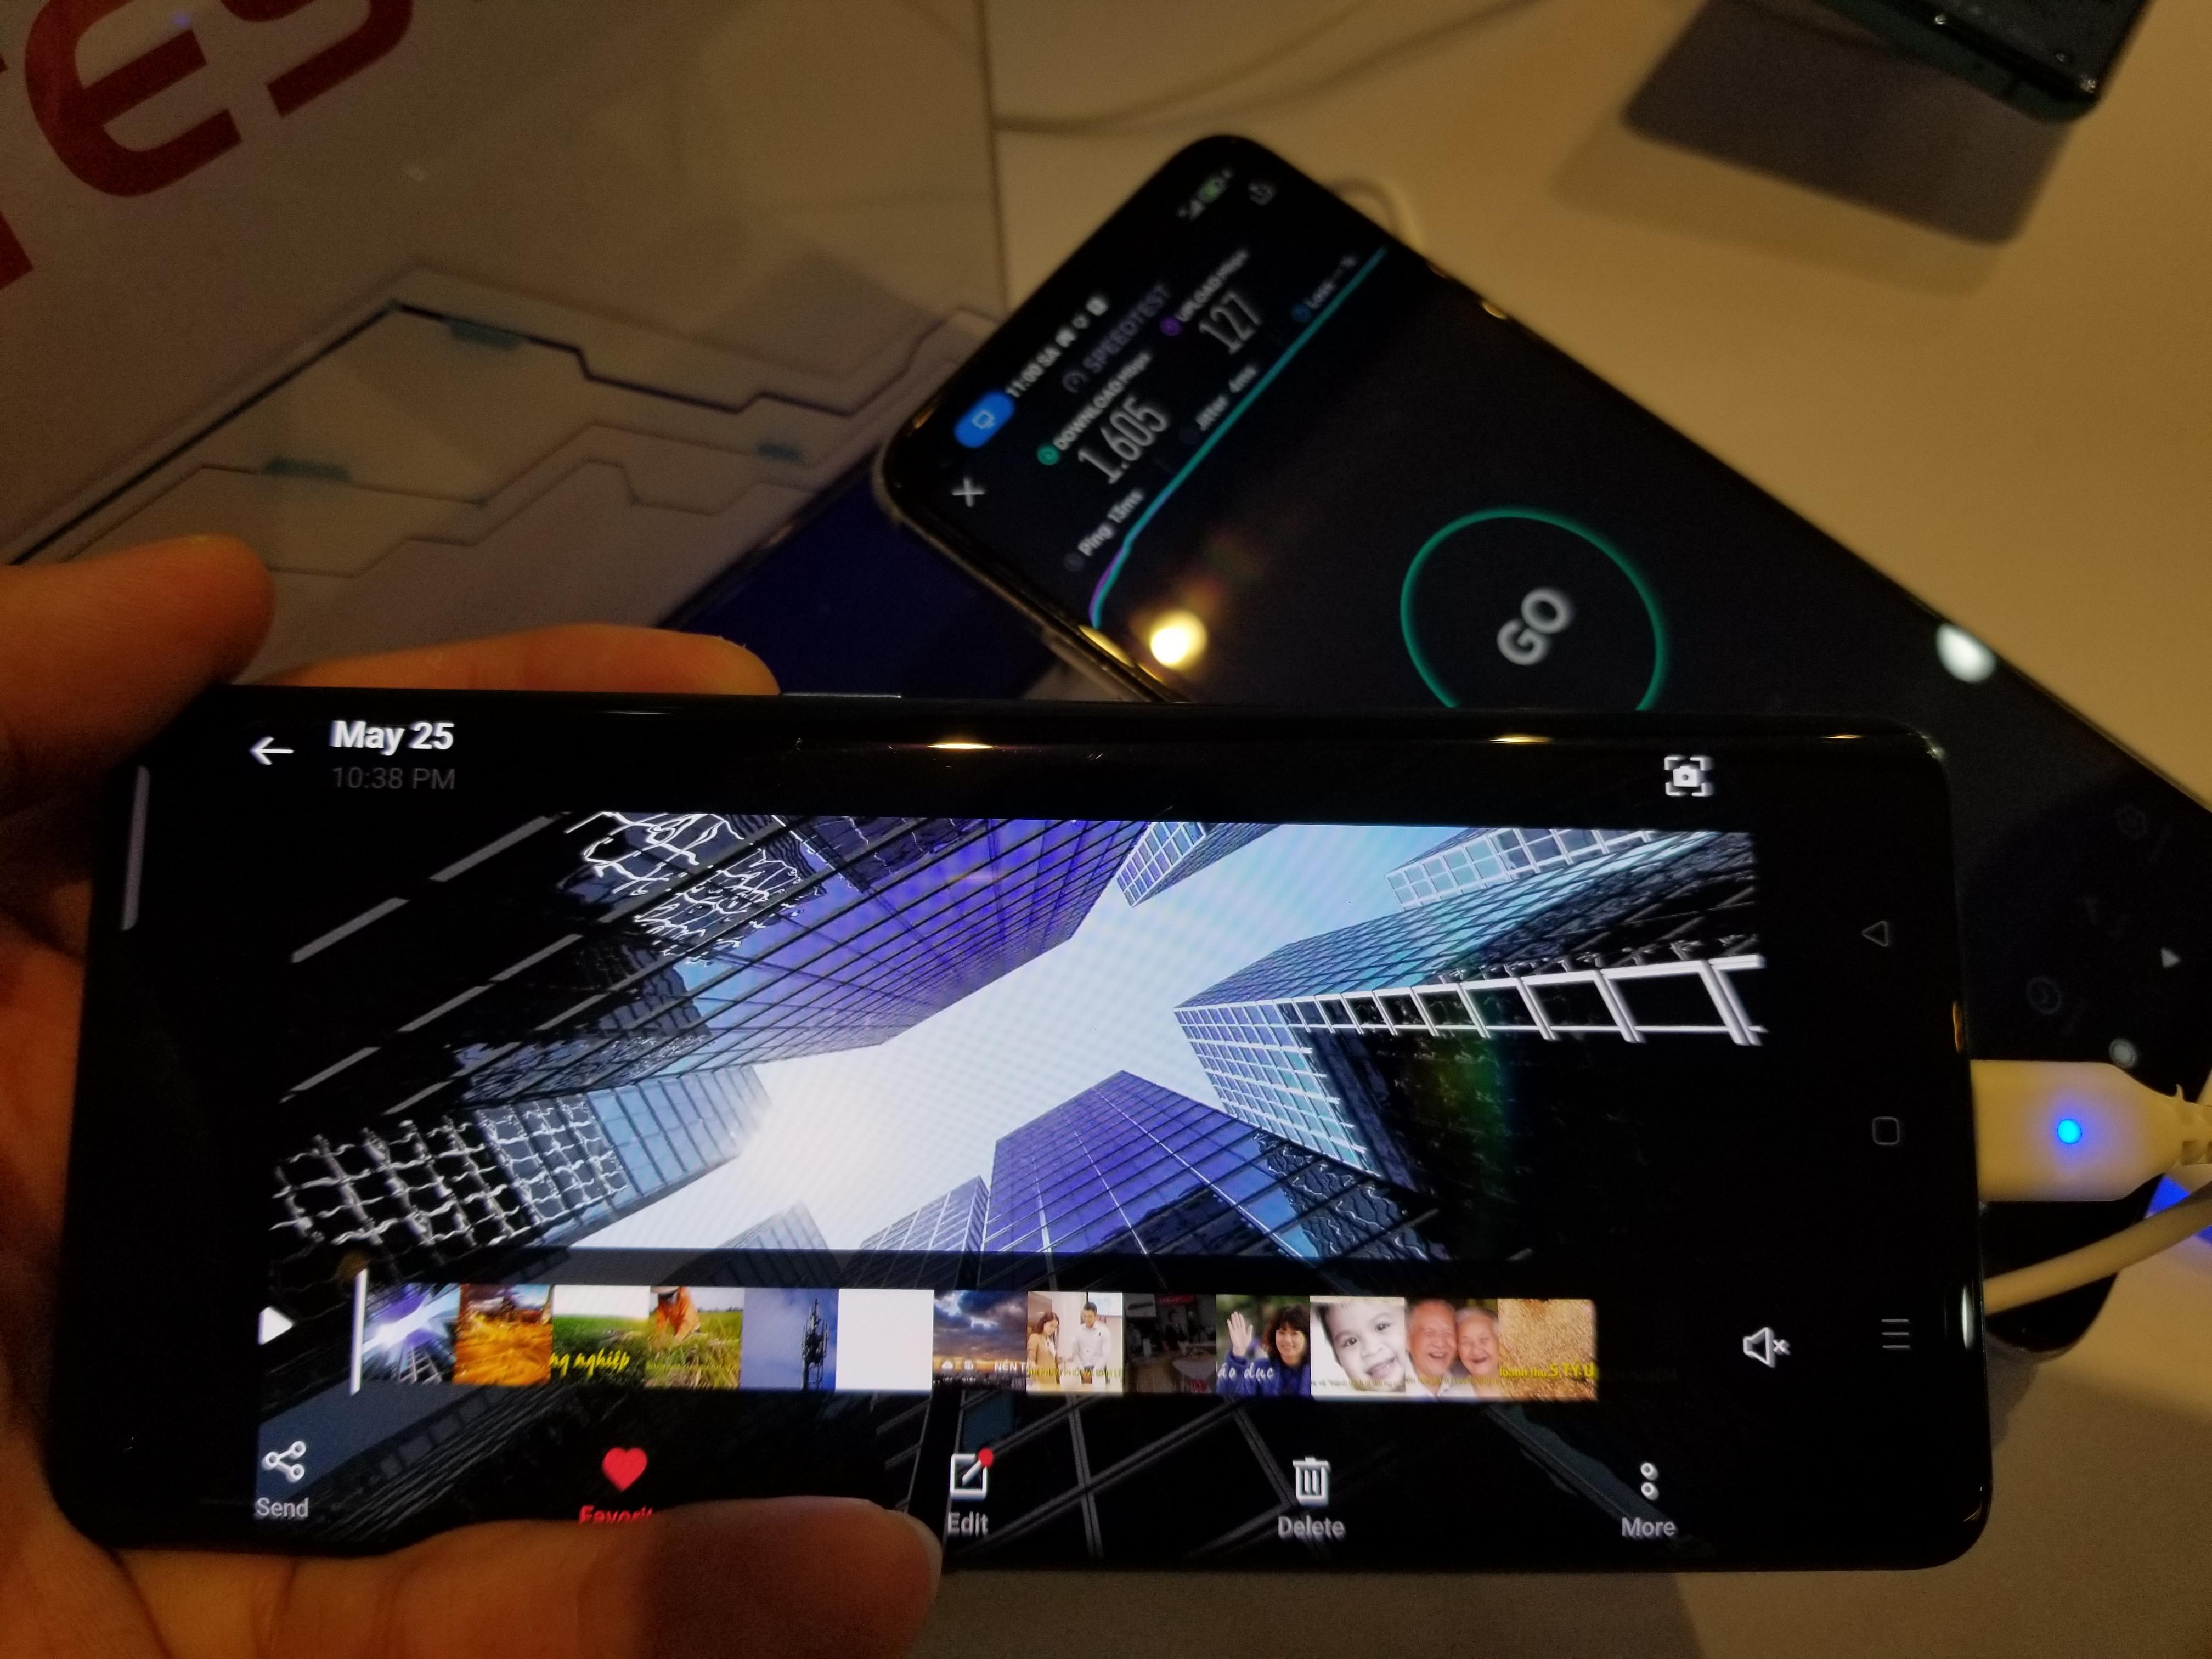 5G MobiFone đạt tốc độ lên đến 1,7Gbps, sẵn sàng cho khách hàng trải nghiệm tại TP HCM - Ảnh 3.